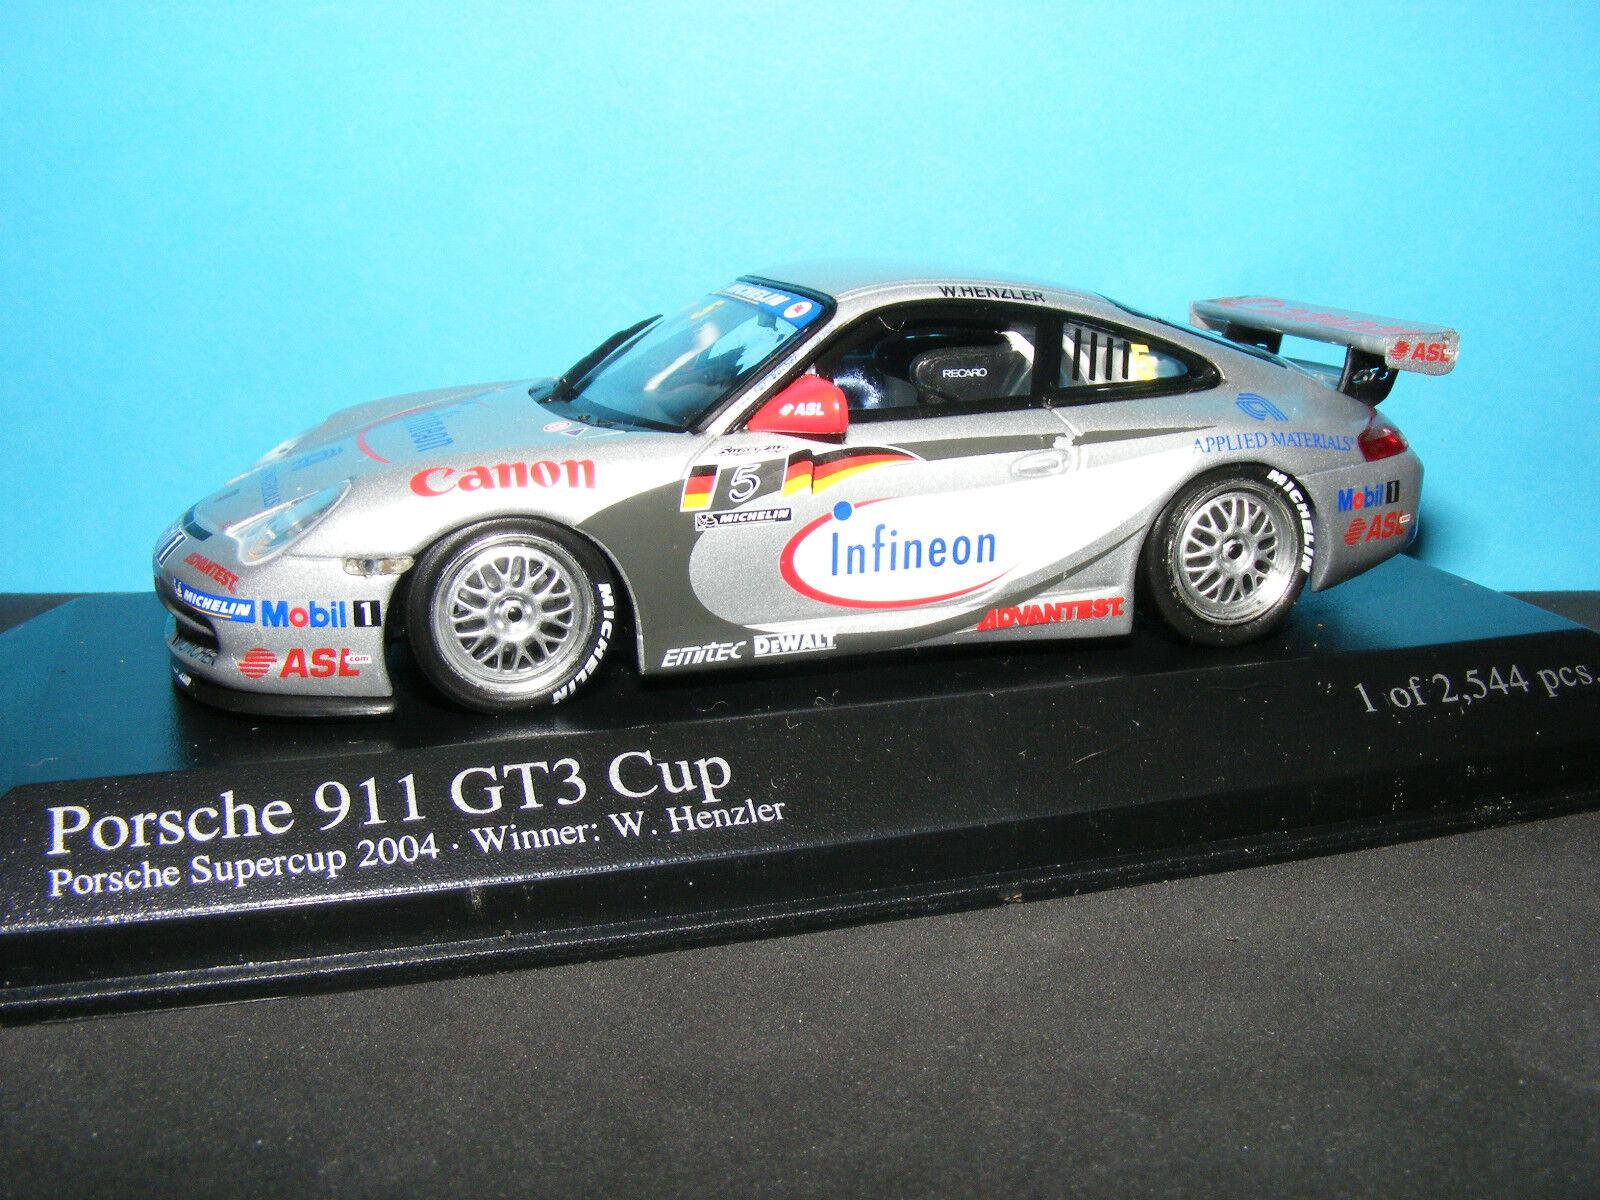 PORSCHE 911 GT3 SUPERCUP WINNER W.HENZLER  Minichamps 1 43rd.